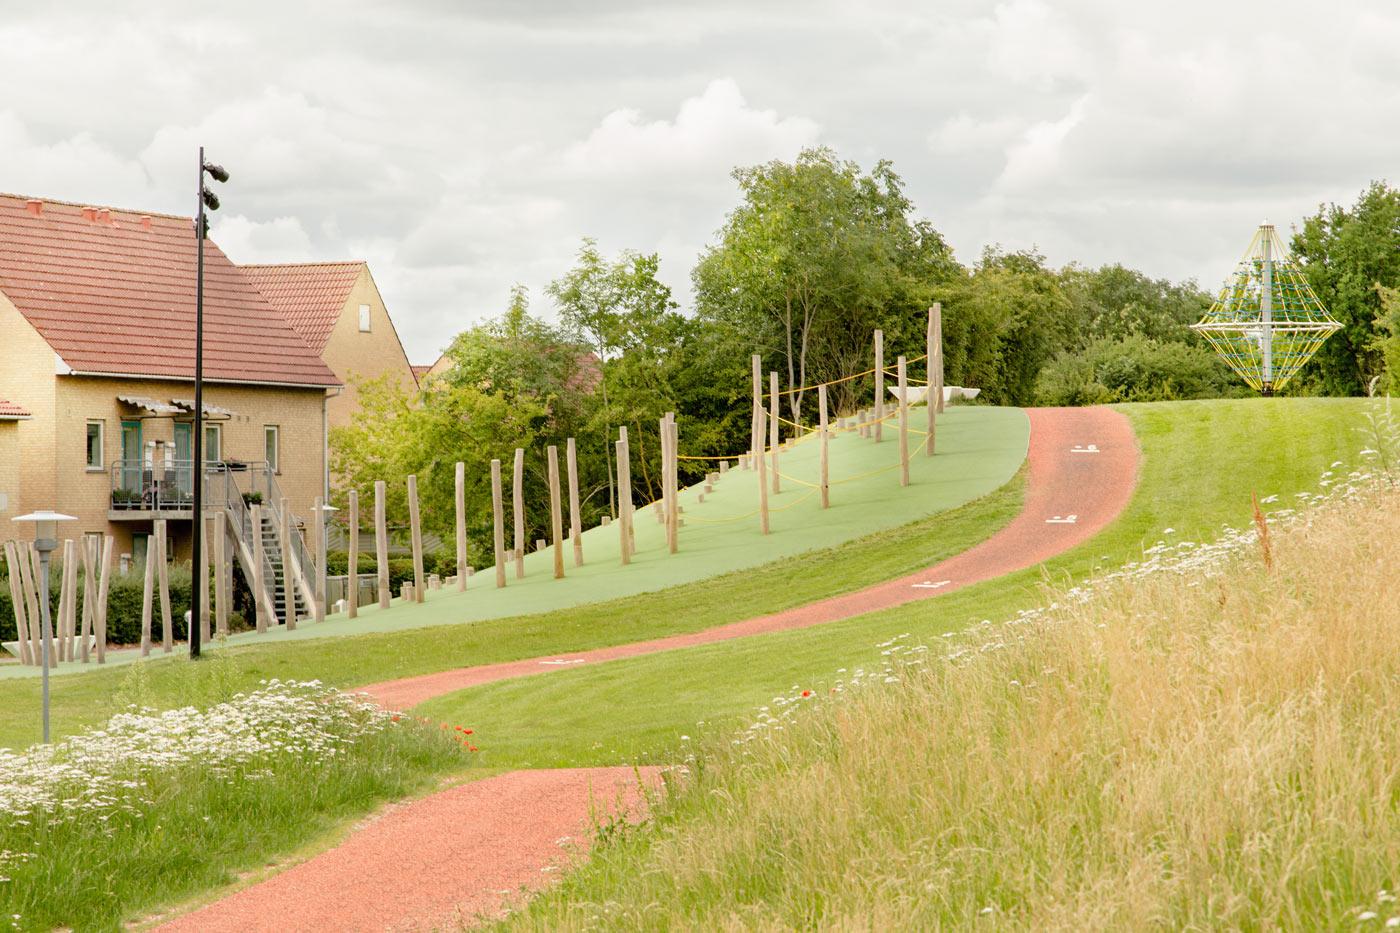 Using the landscape at Kastrup Activity Landscape